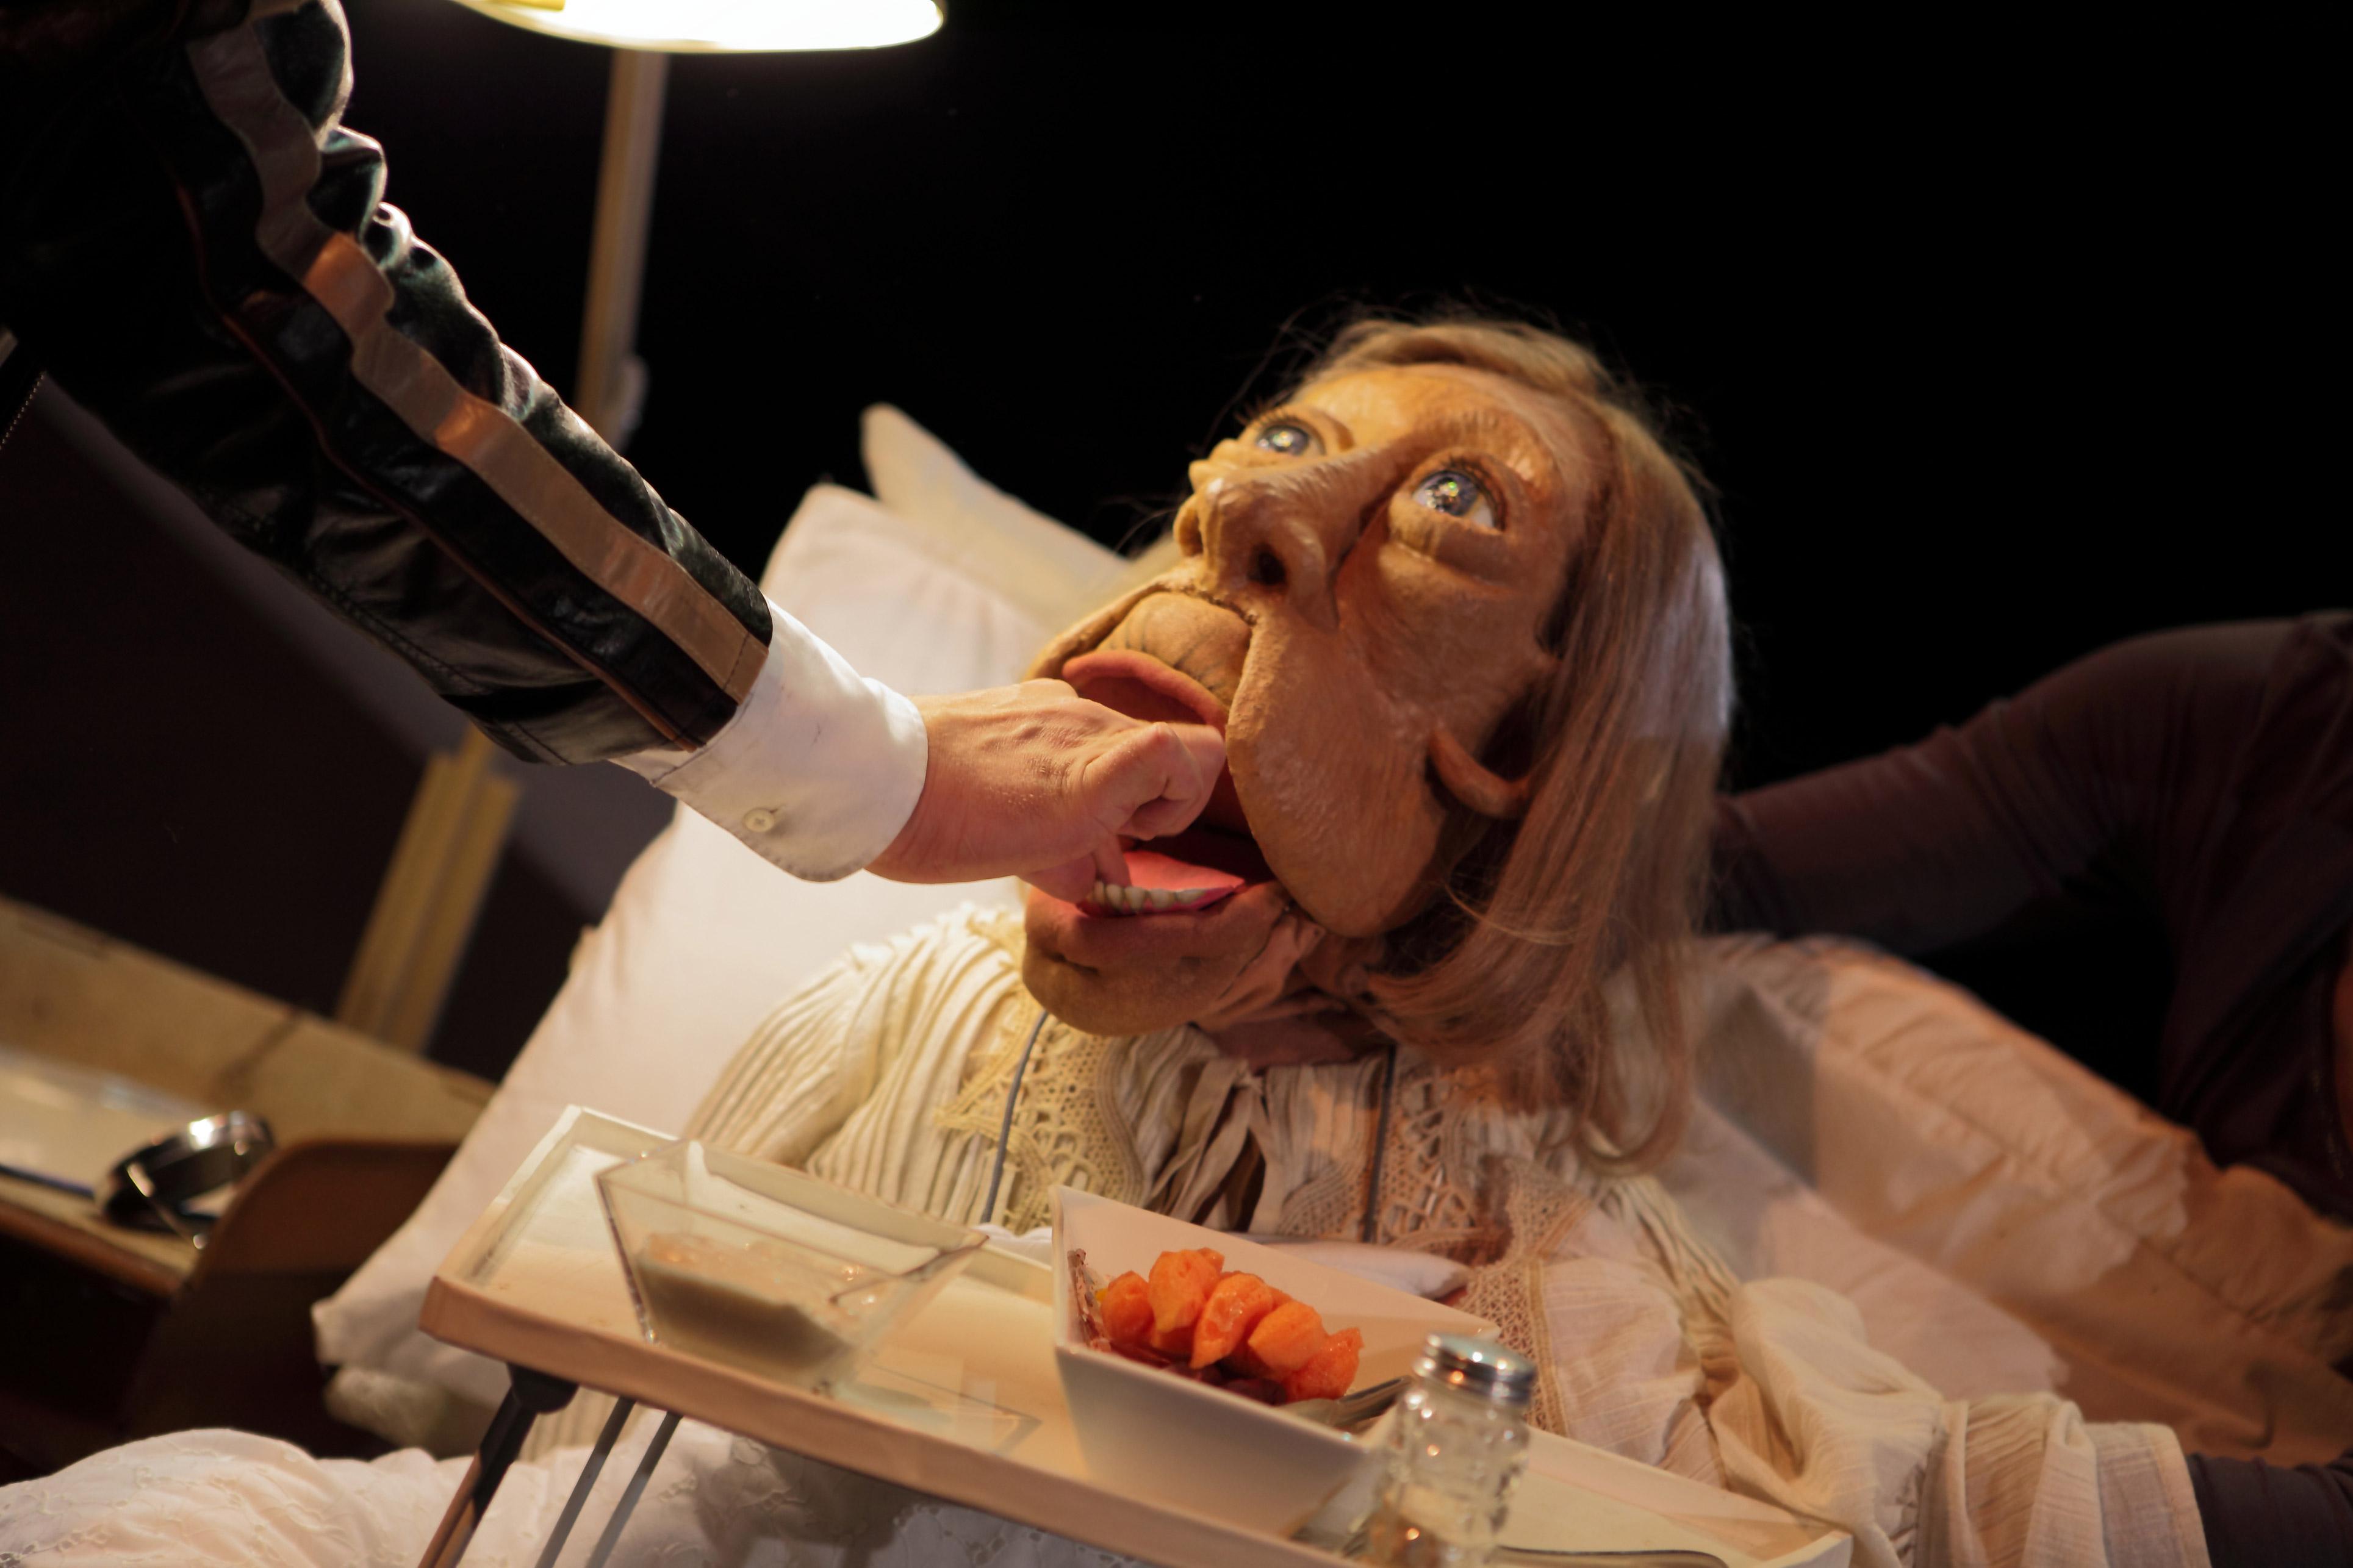 Täti ja minä. Näytelmässä esiintyvän nuken on valmistanut nukketeatteritaiteilija Satu Paavola.